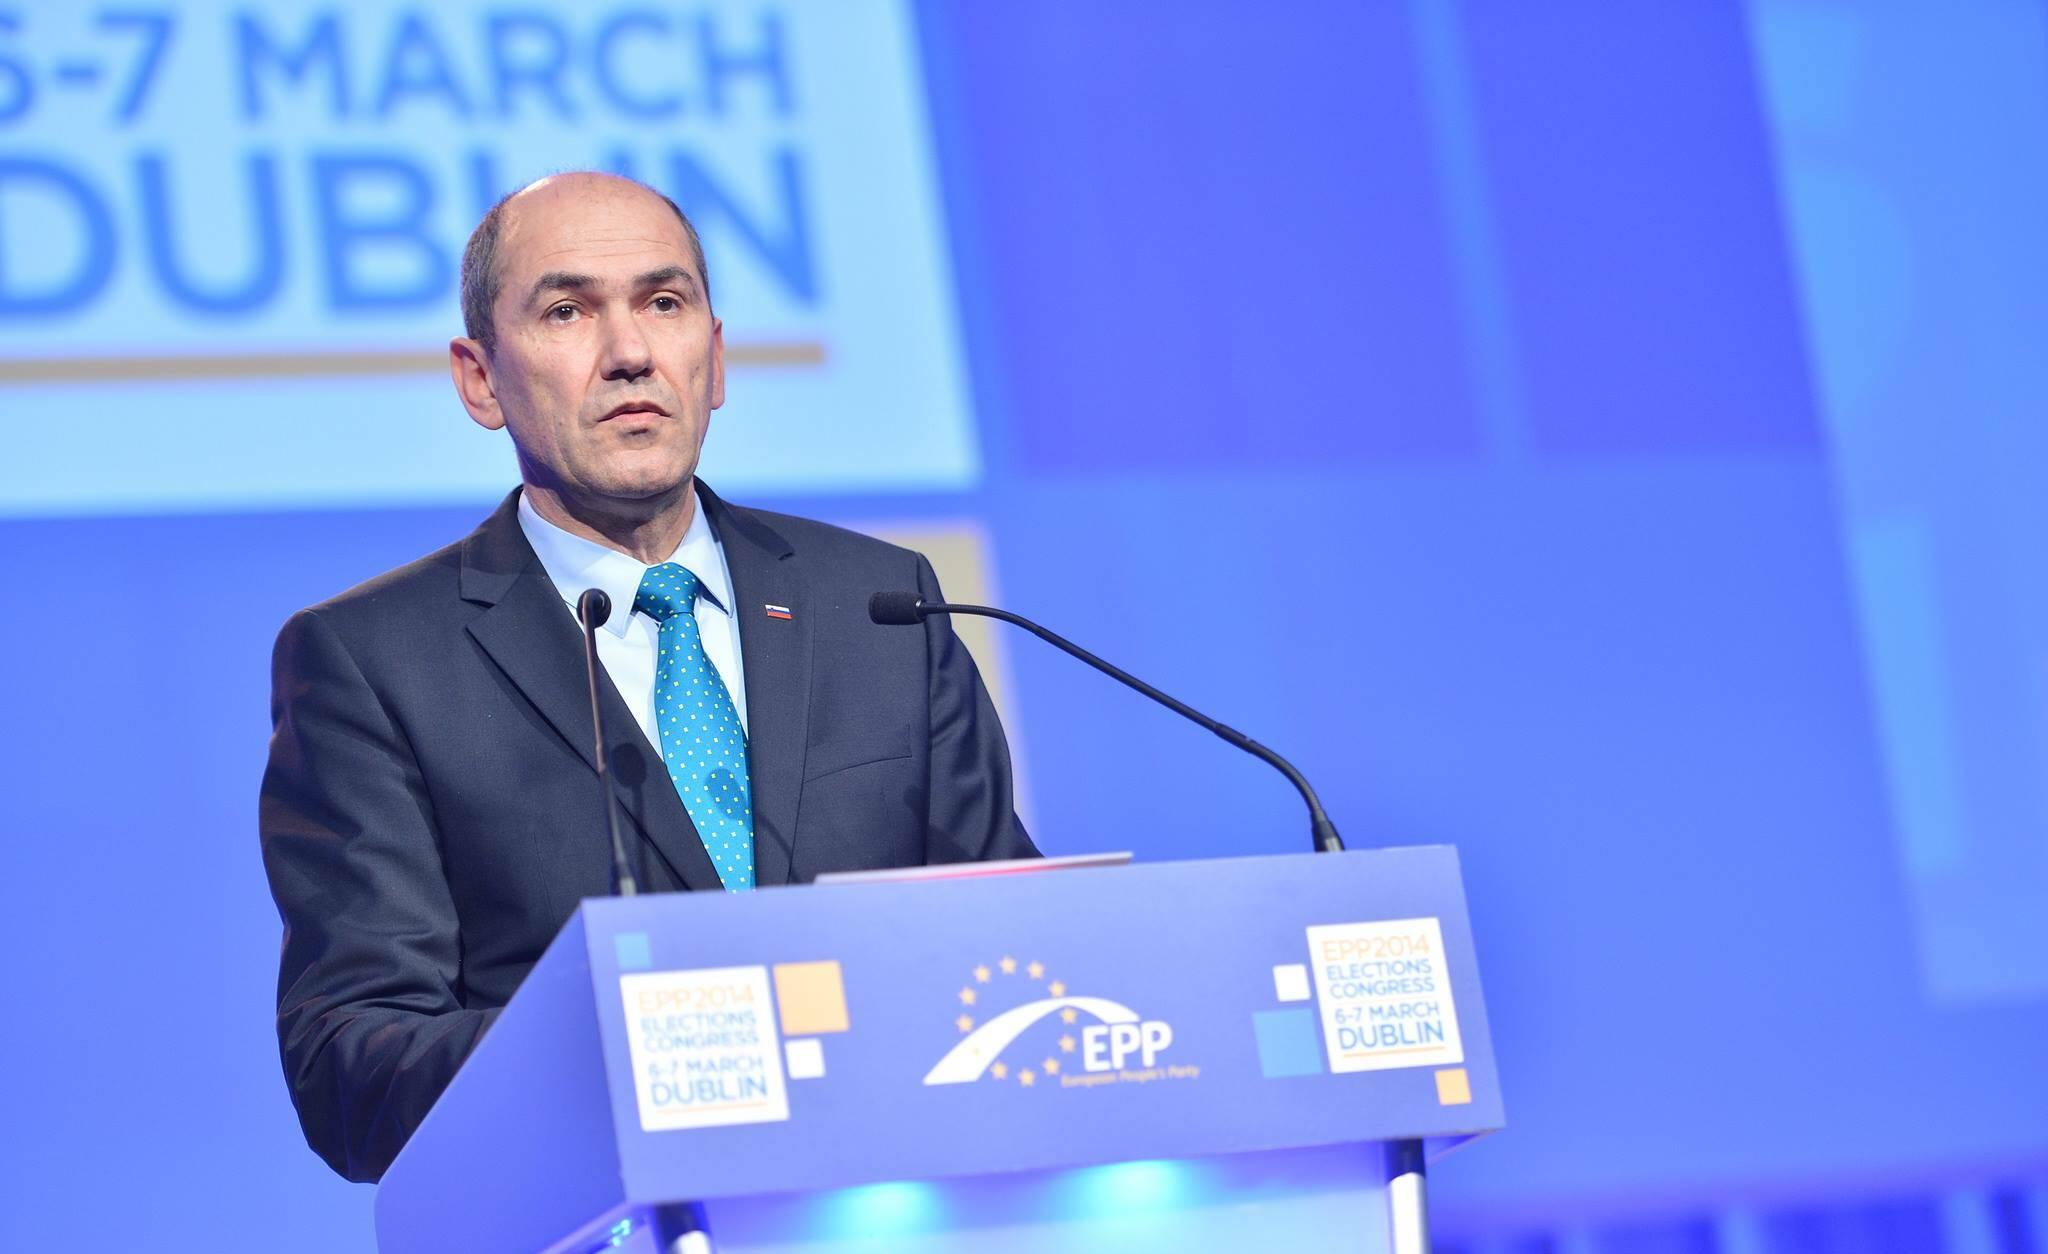 janez-jansa-1-e1614537344577Les eurocrates au bac-à-sable 28 février 2021